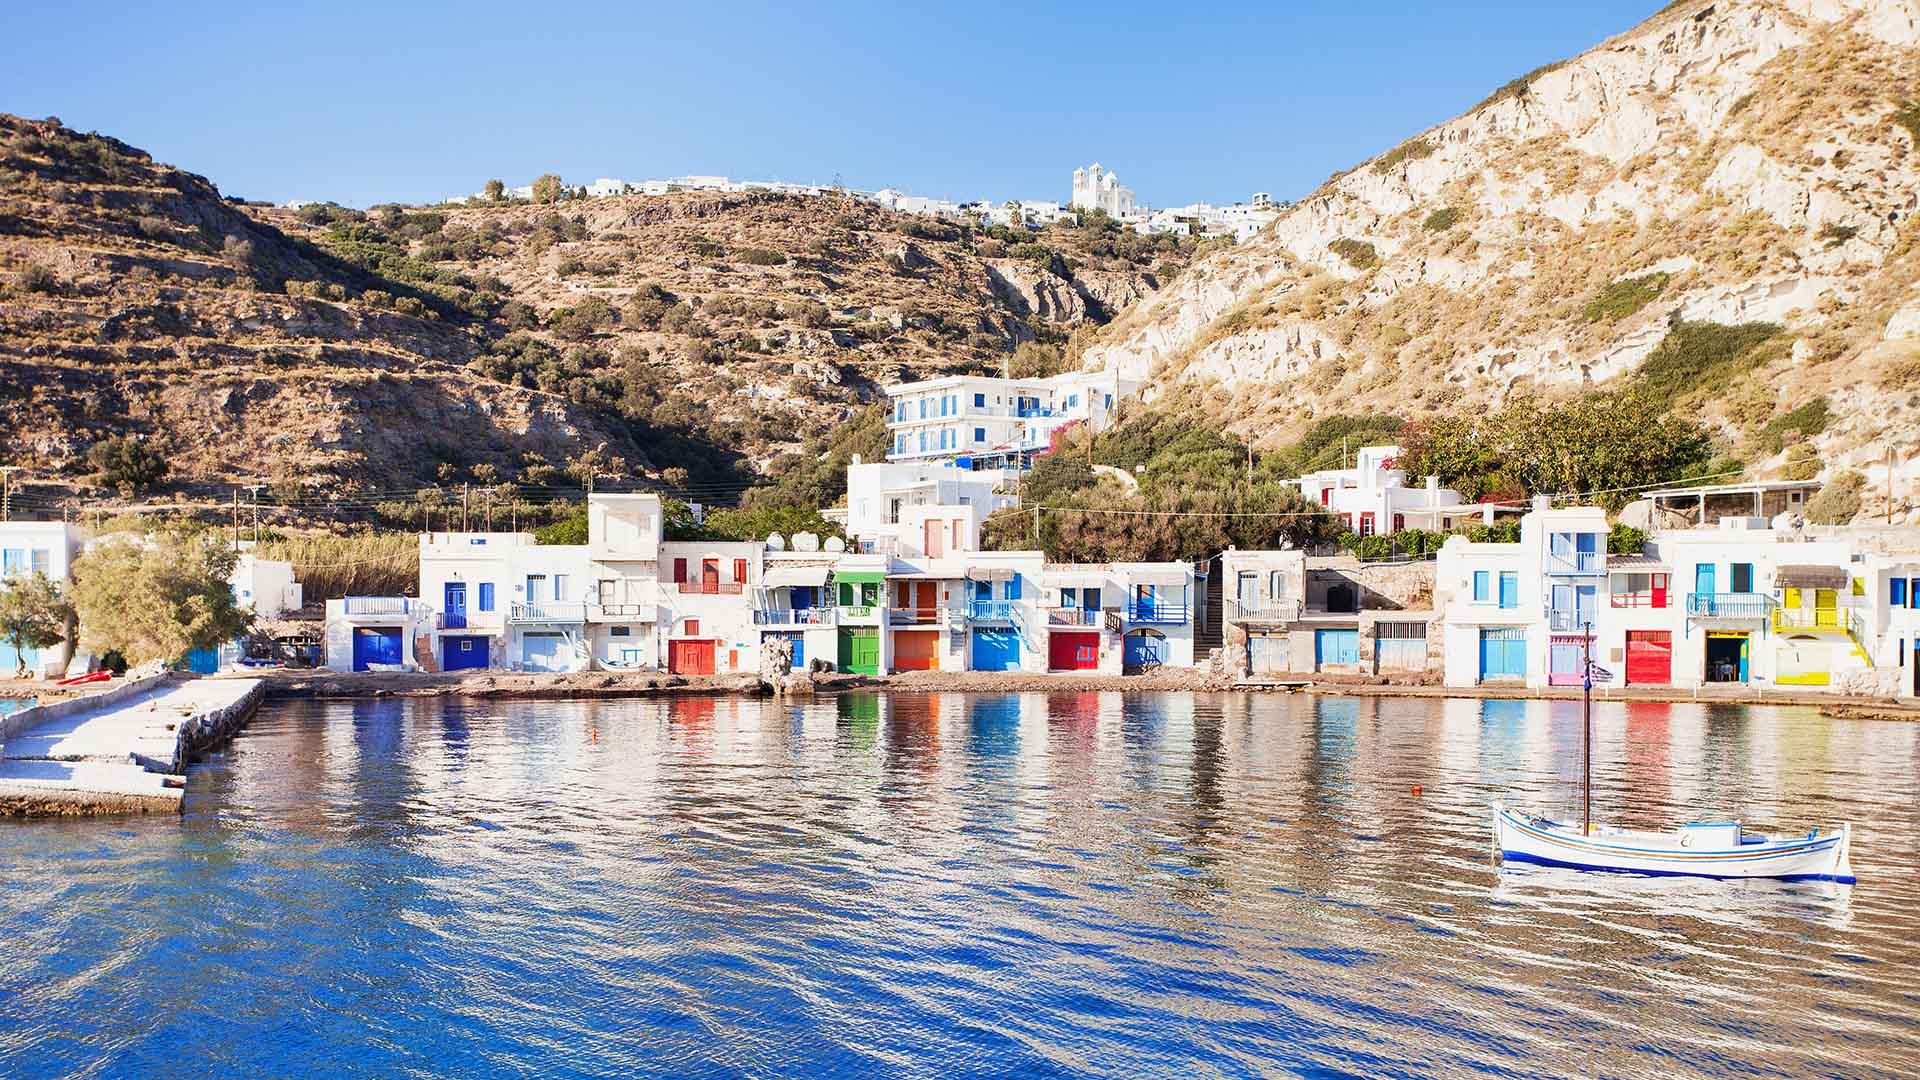 Milos y sus islotes en alta mar cuentan con más de 70 espléndidas playas adornadas con arenas y piedras de diferentes colores